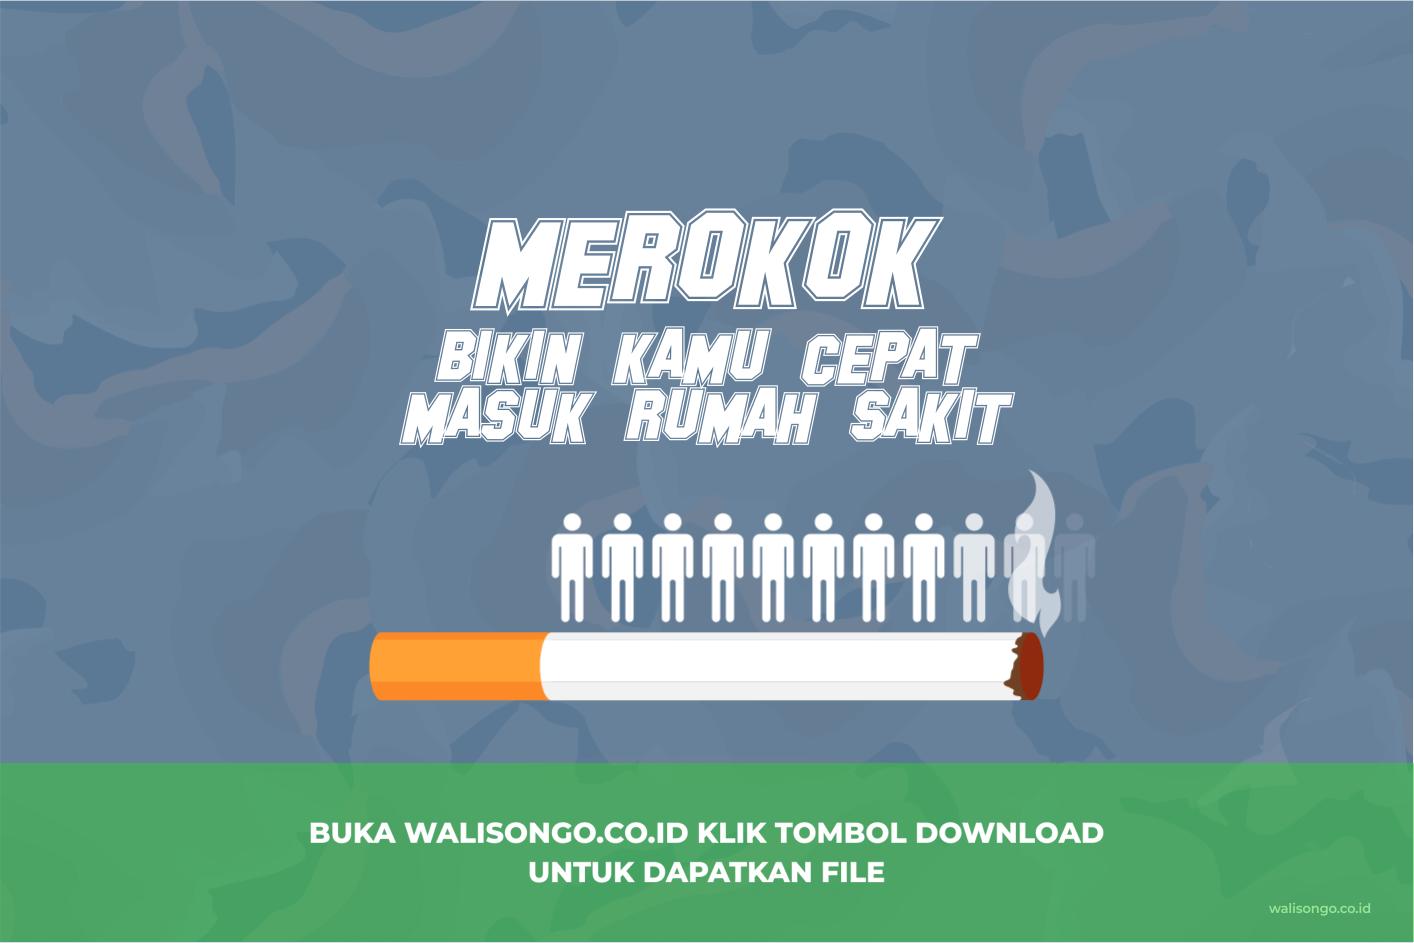 poster kesehatan merokok